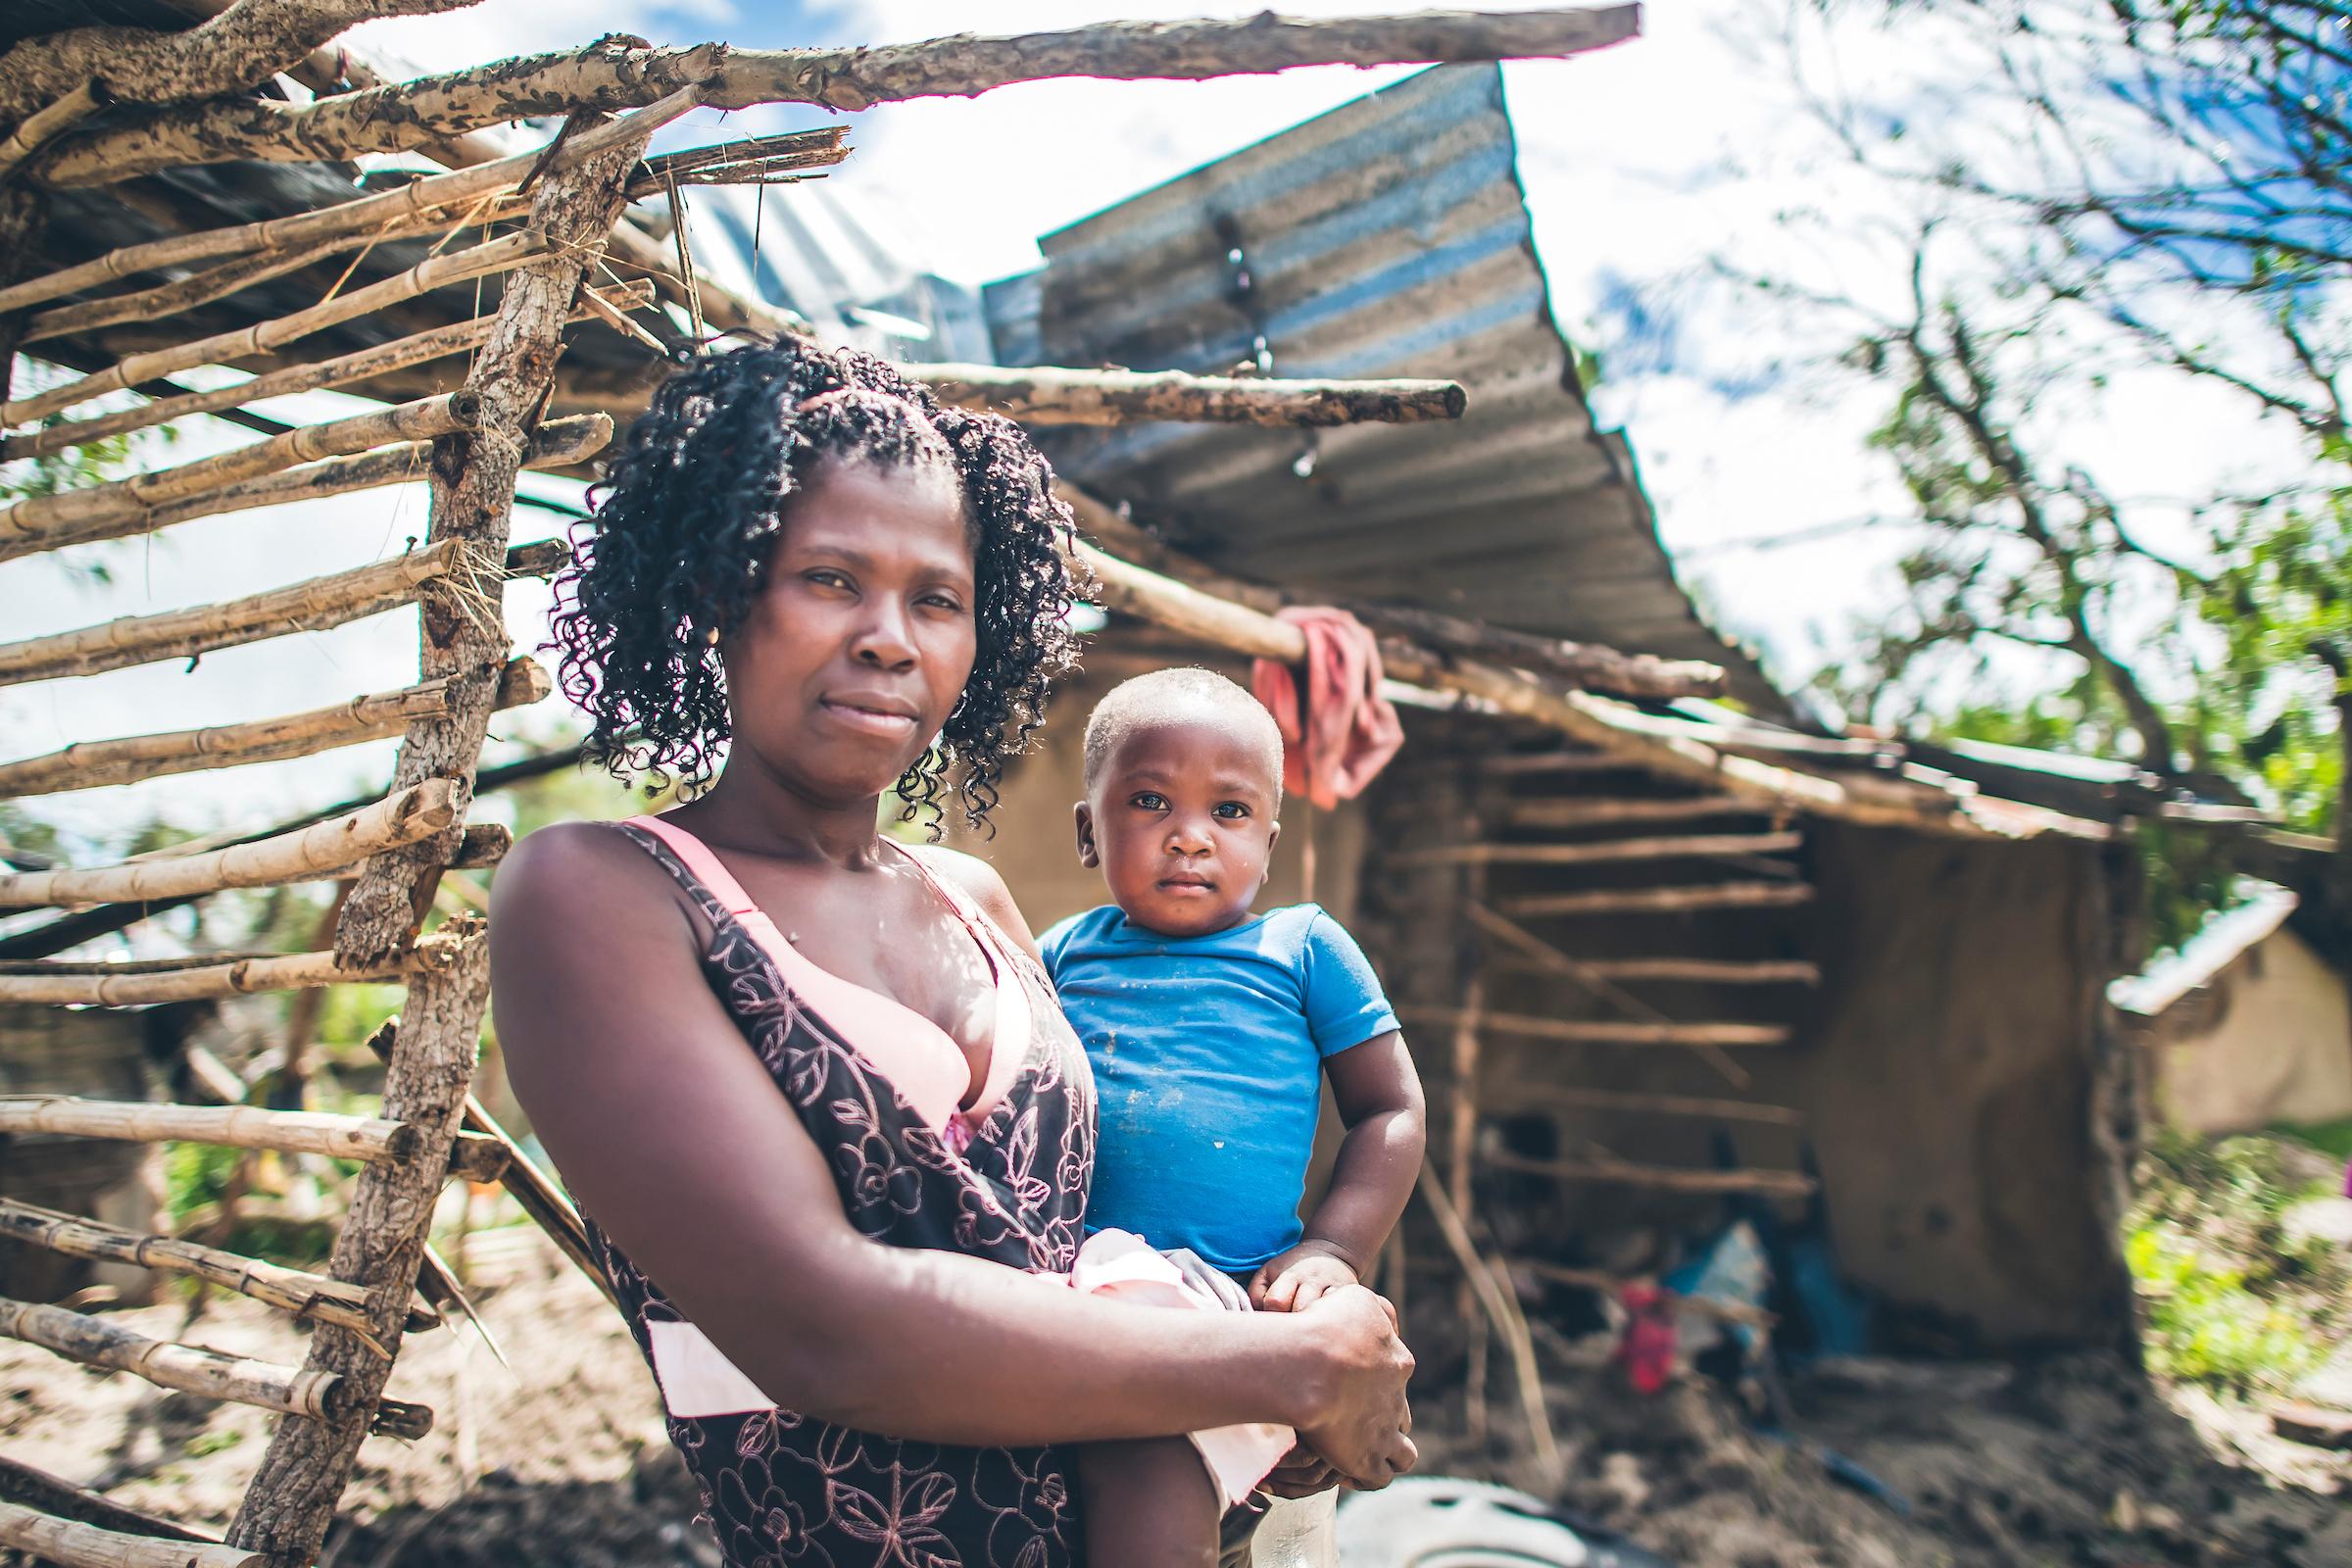 Cyclone Idai survivor in Mozambique